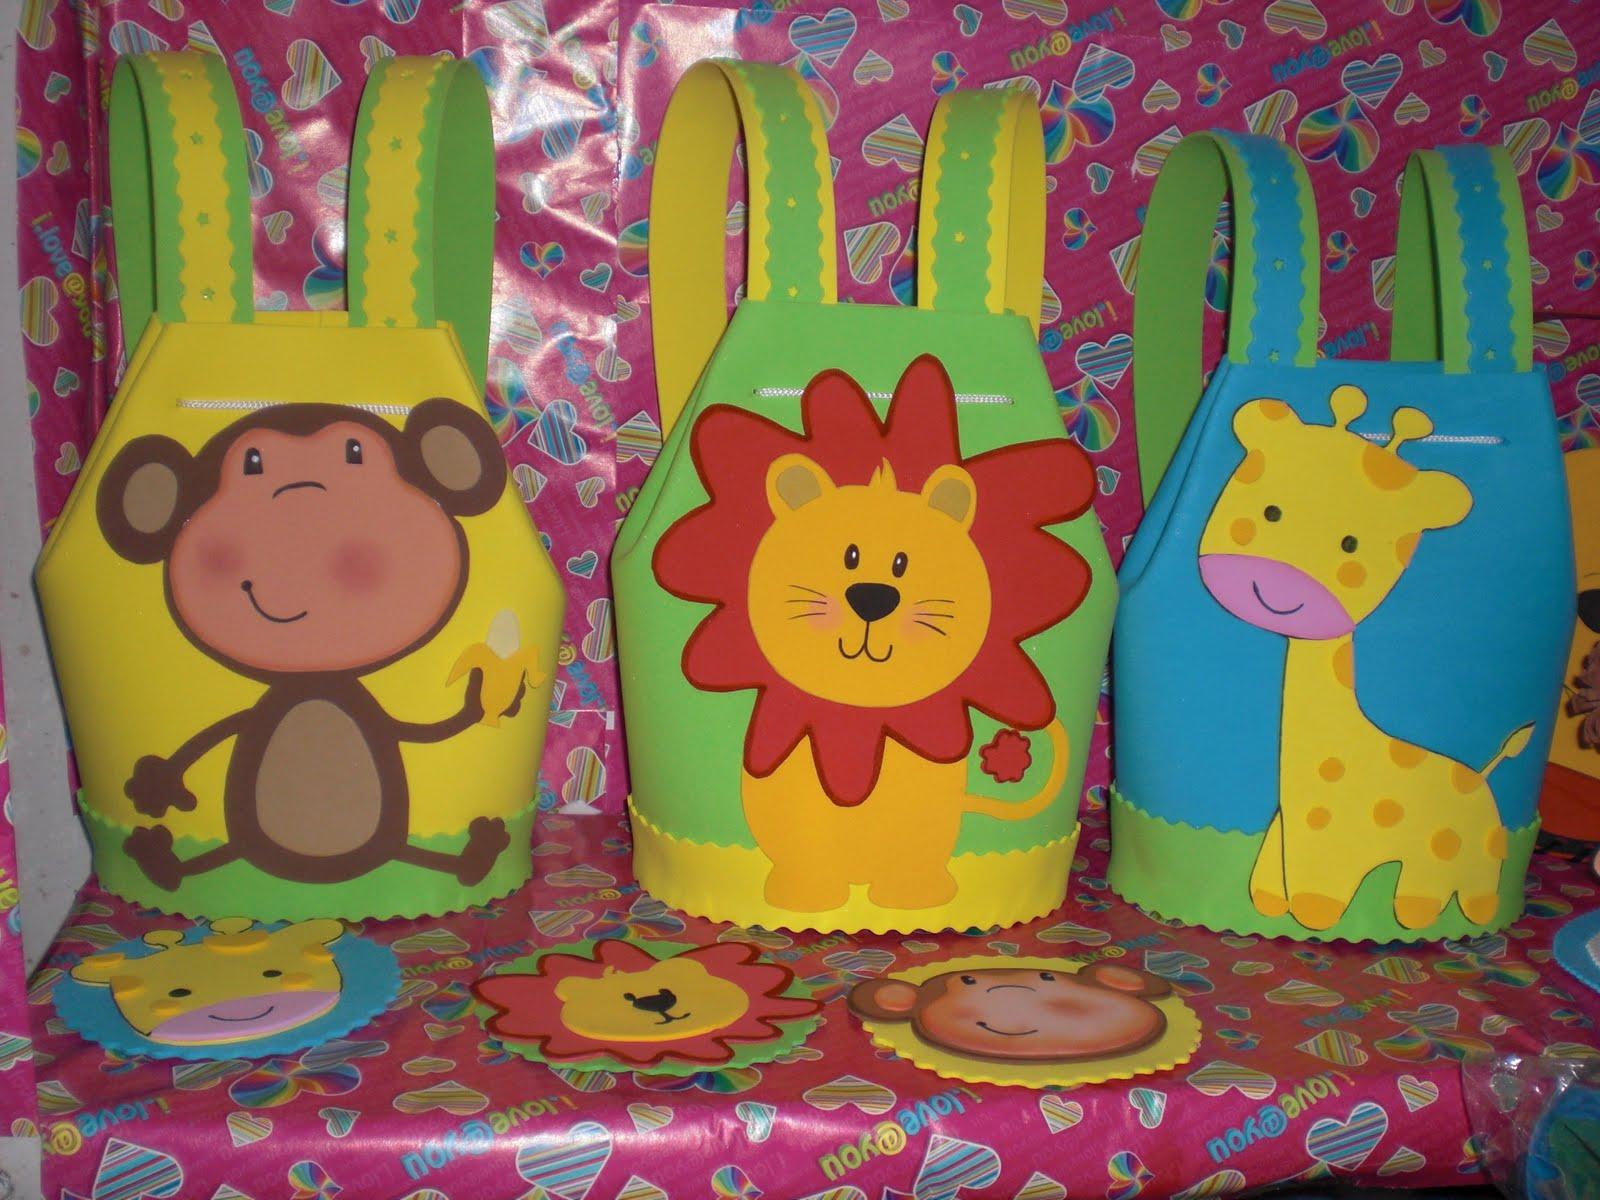 Arte y decoracion en goma eva arte y decoracion en goma eva for Decoracion infantil goma eva